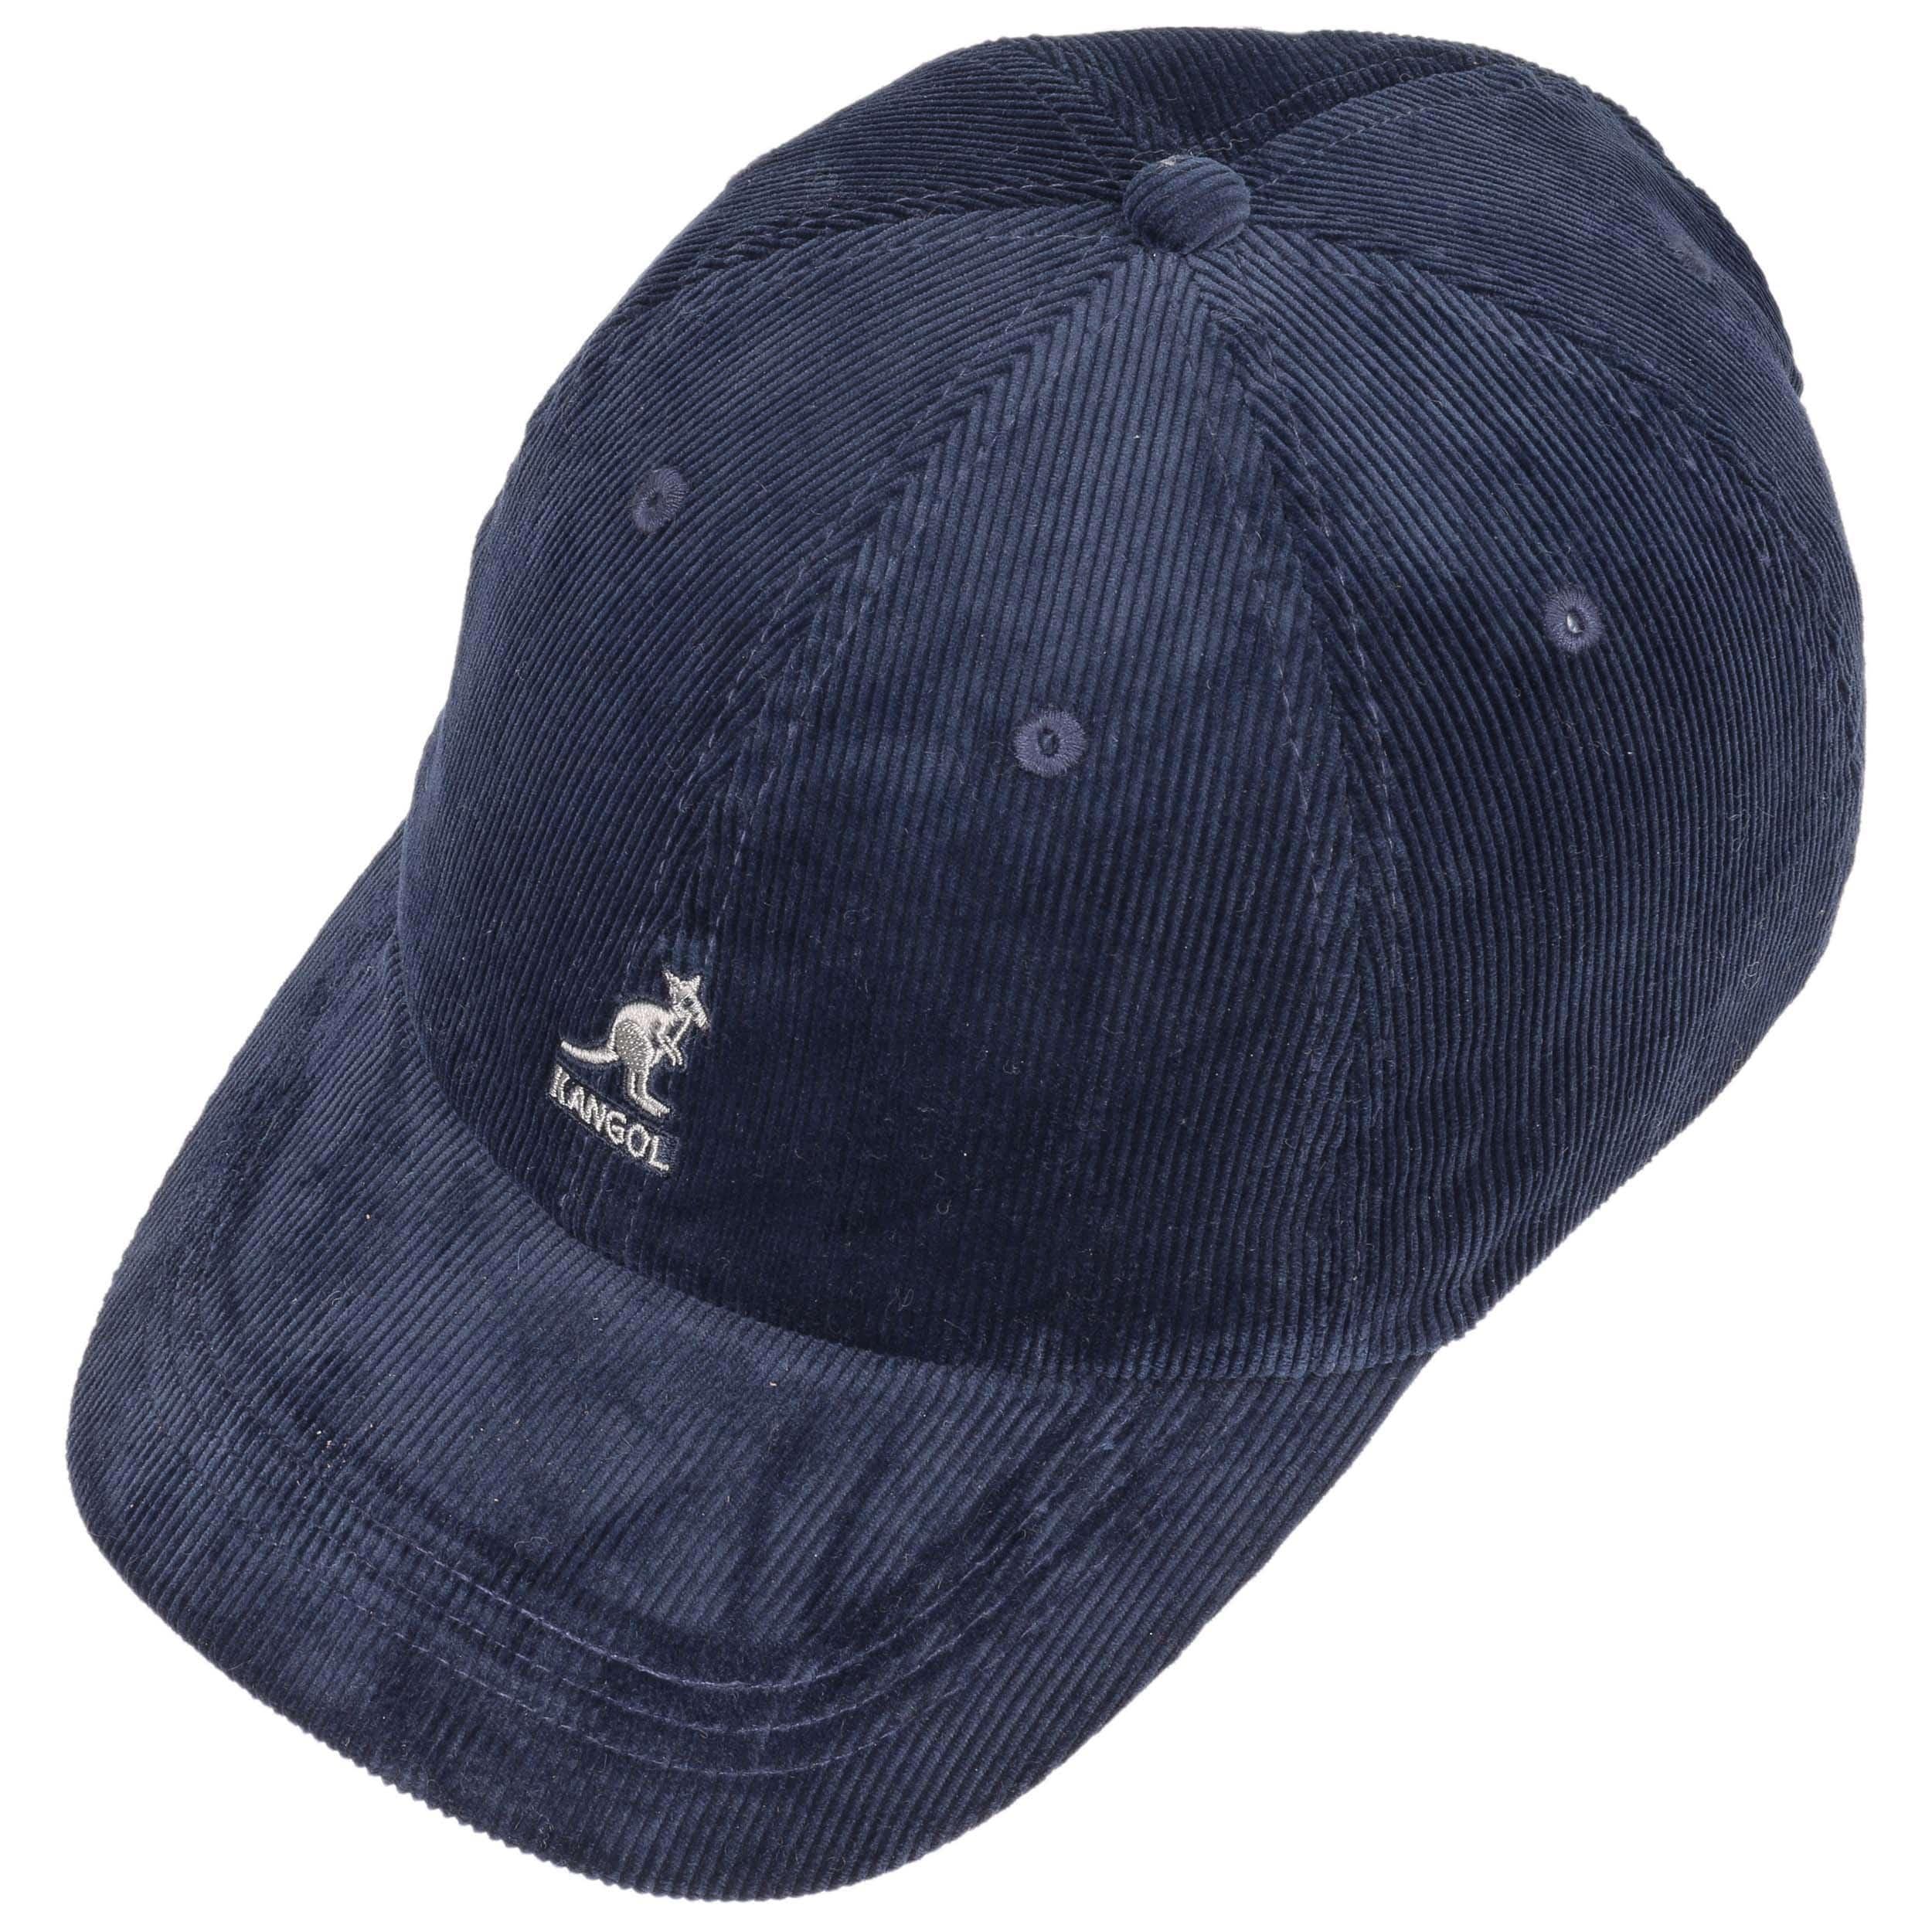 7bfeb792a10 ... Classic Corduroy Baseball Cap by Kangol - black 1 ...